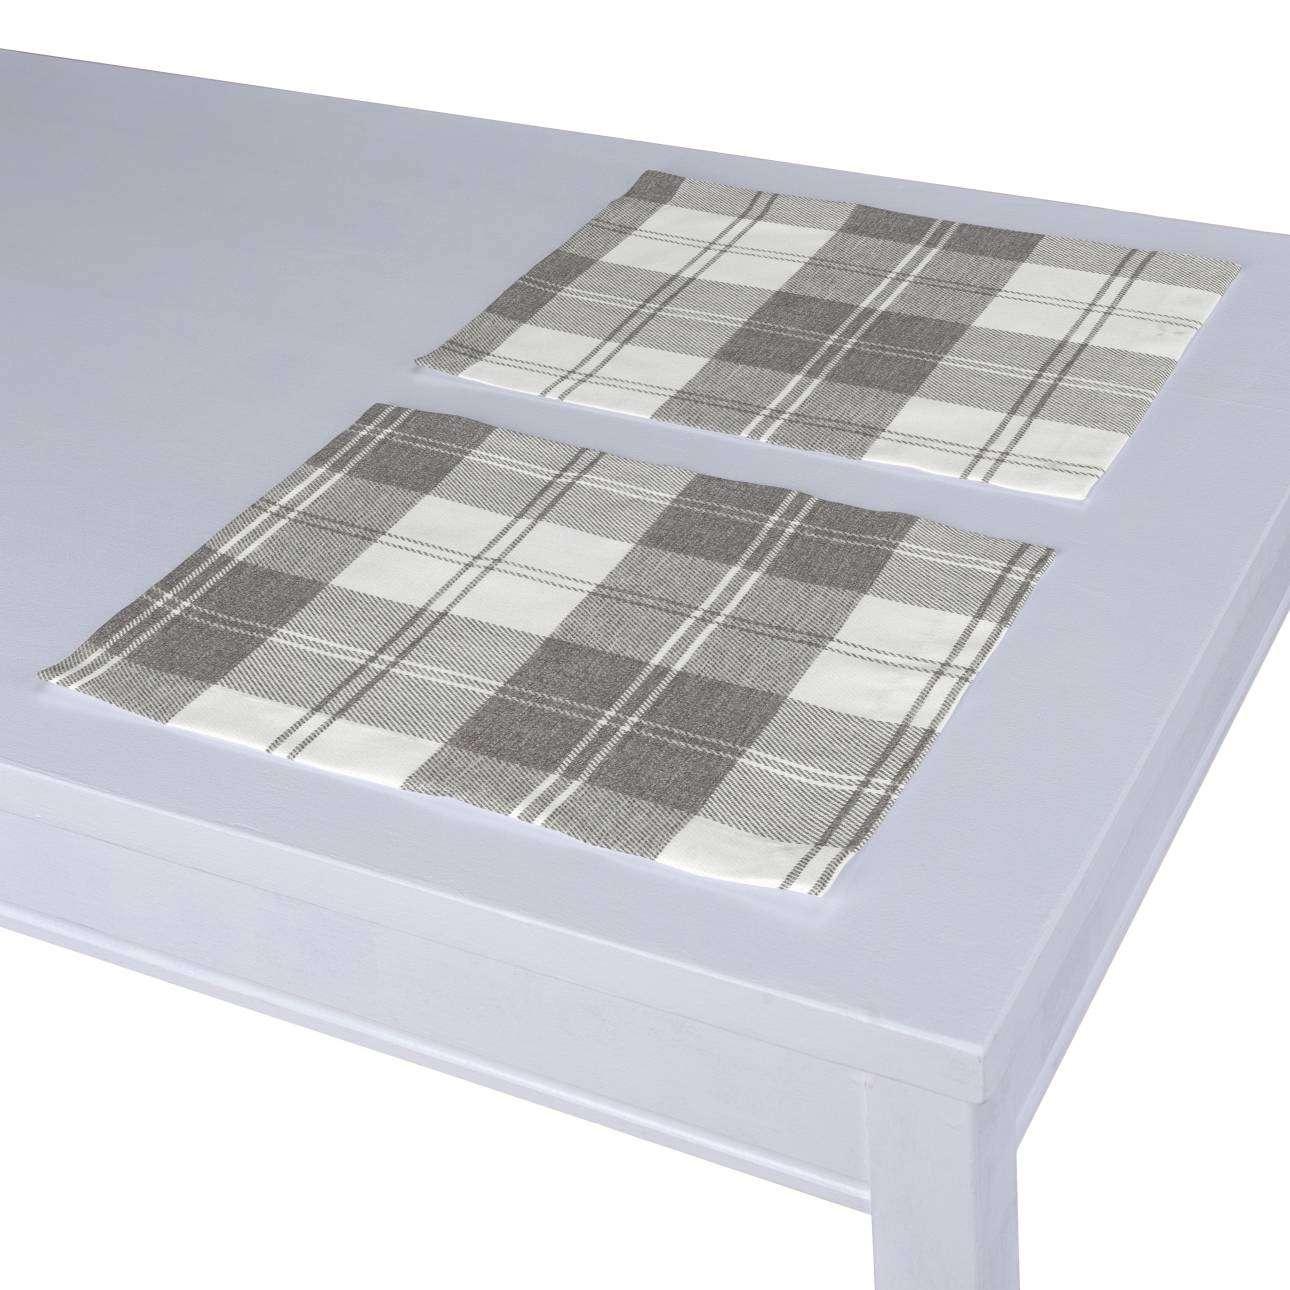 Tischset 2 Stck. 30 x 40 cm von der Kollektion Edinburgh , Stoff: 115-79